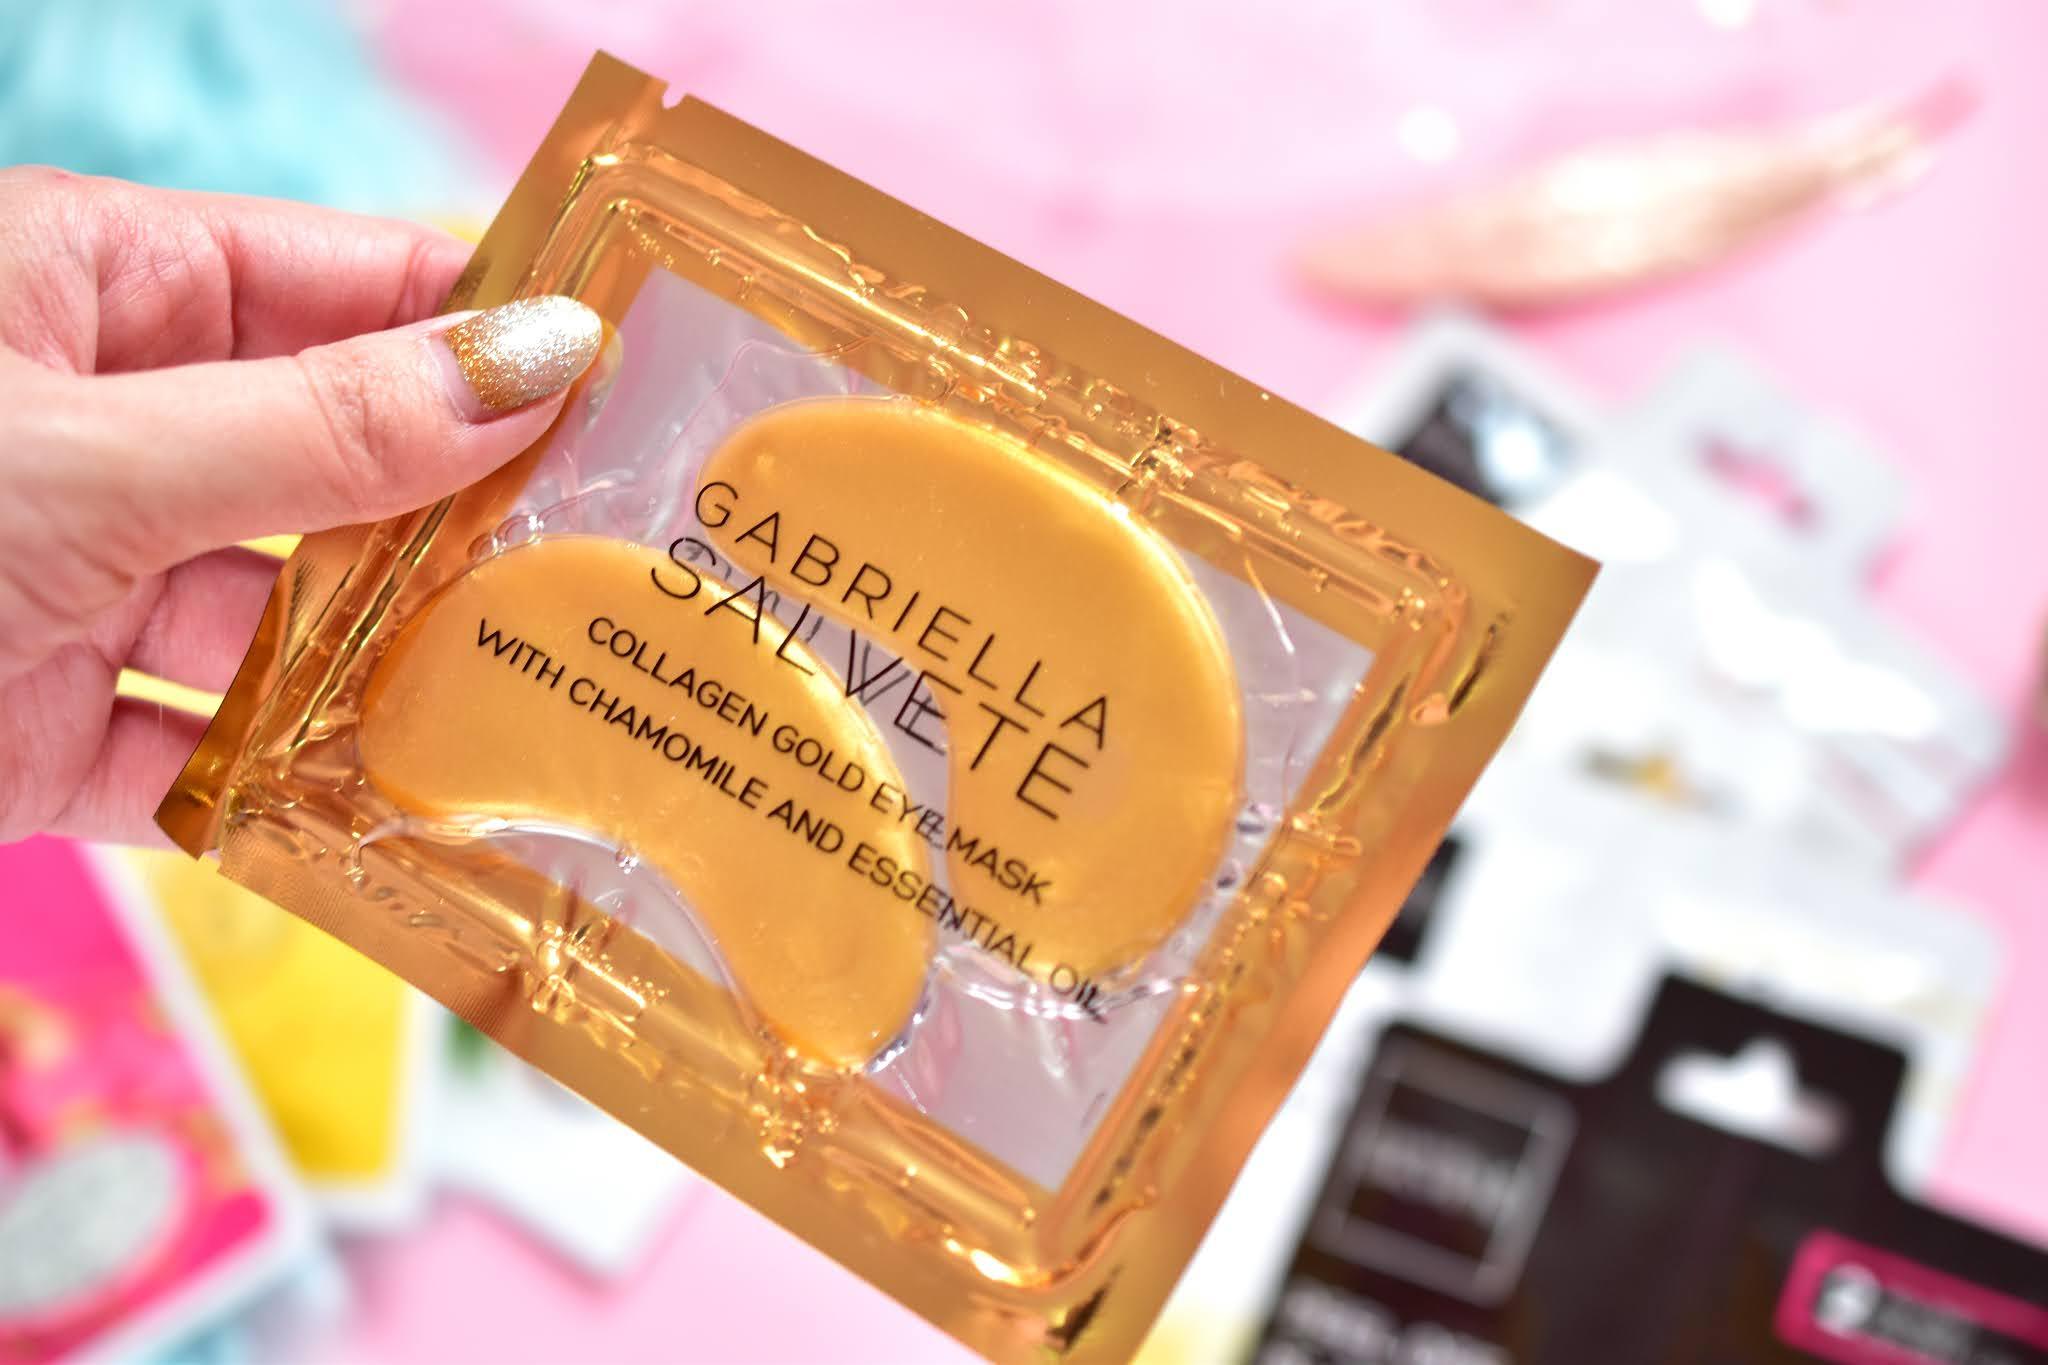 Gabriella Salvete eye mask